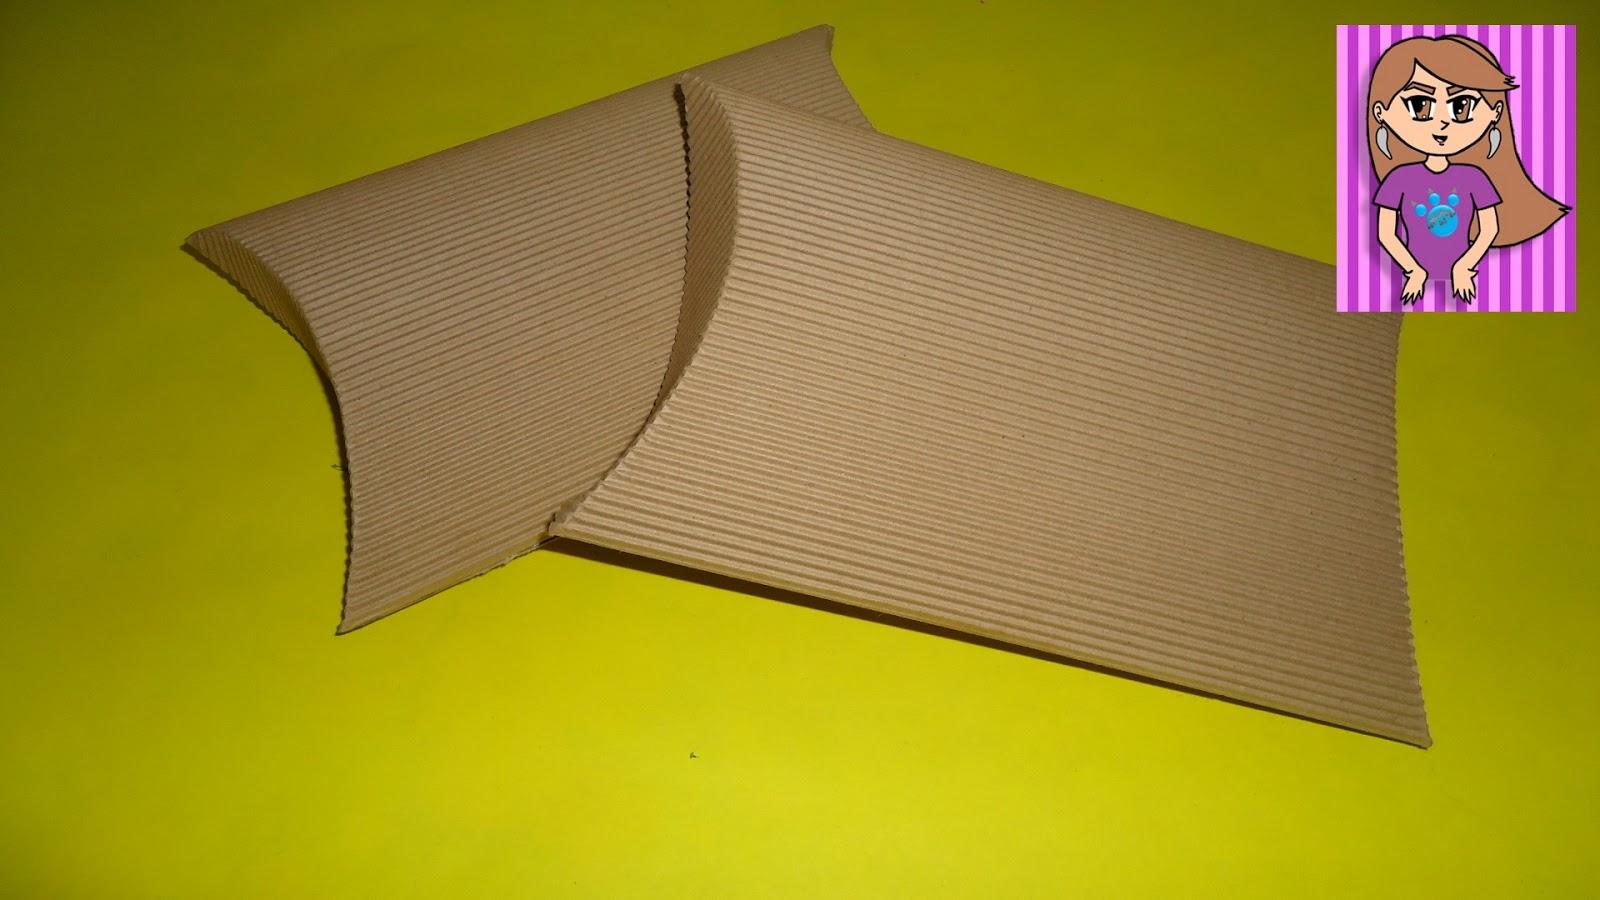 Como hacer una caja de papel corrugado imagui - Como hacer cajas de cartulina ...